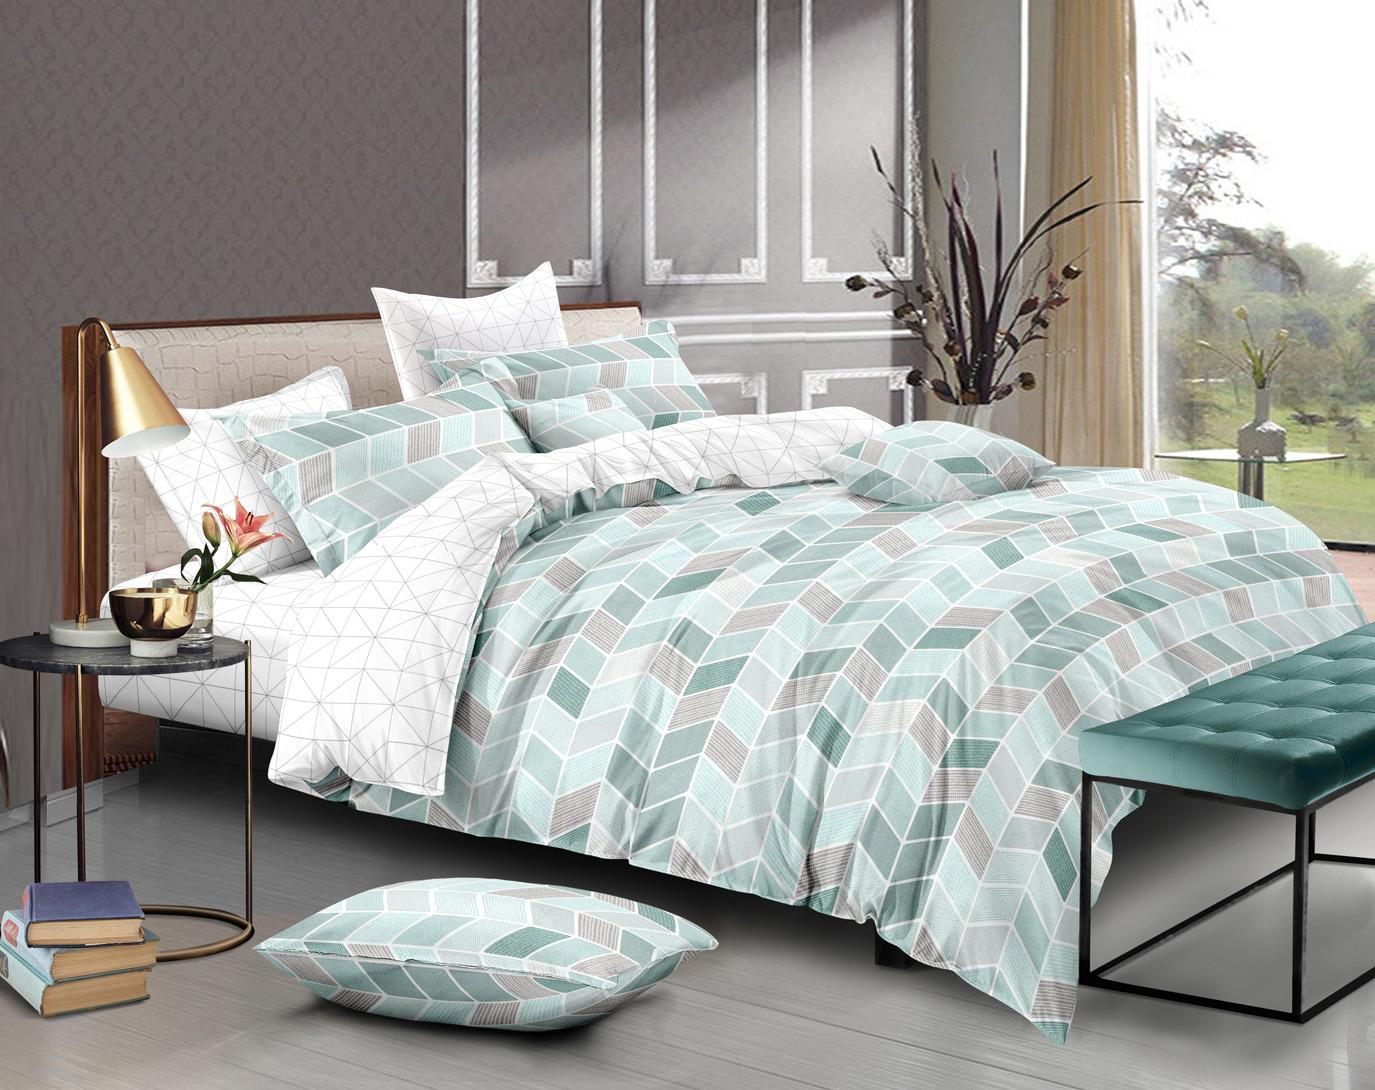 Комплект постельного белья Amore Mio Gold Valery, 7843, зеленый, 2-спальный, наволочки 70x70